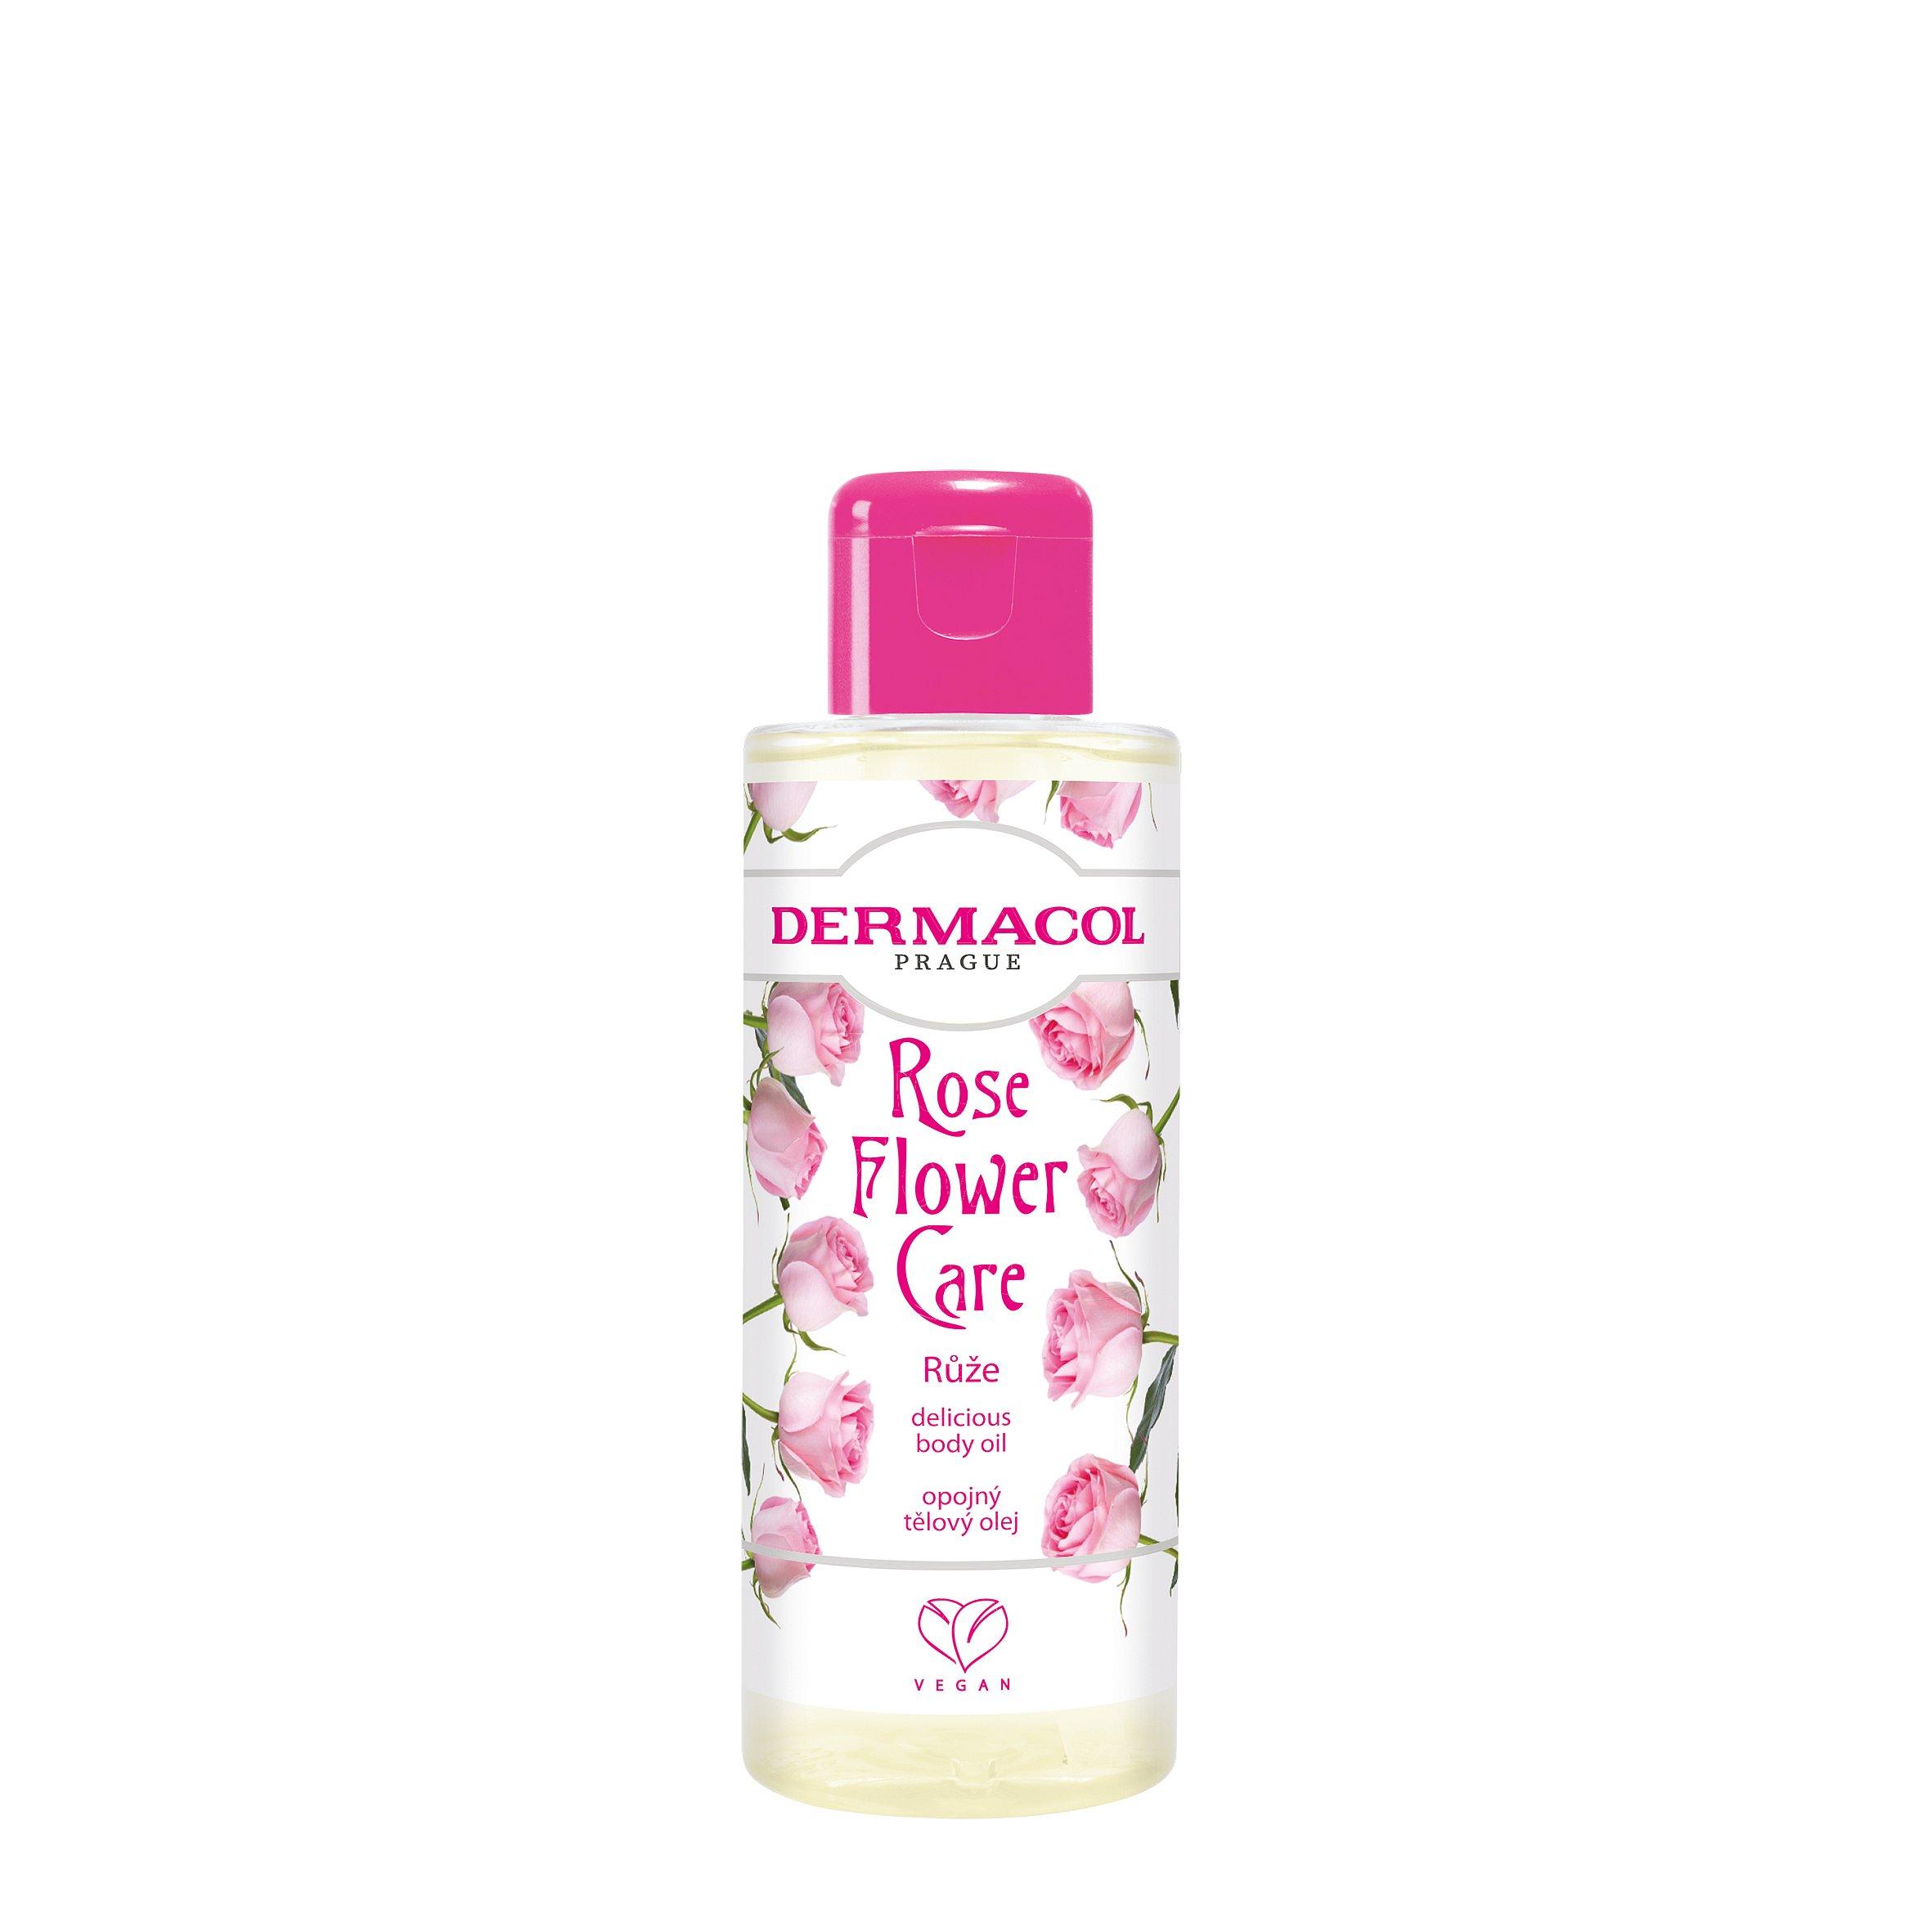 Dermacol Flower care Opojný tělový olej Růže 100ml